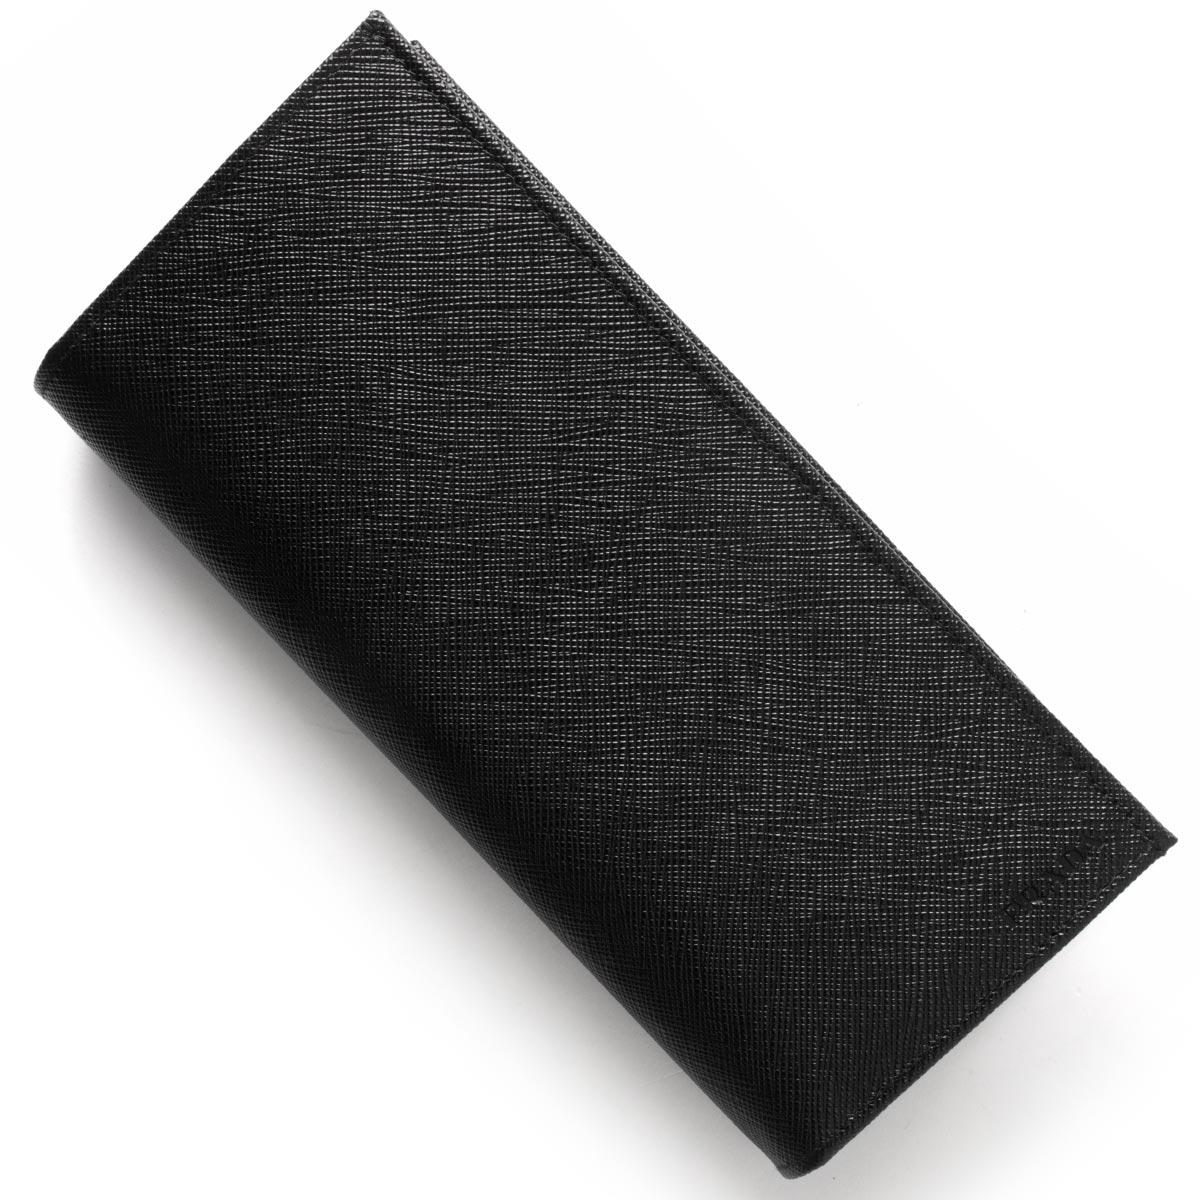 プラダ 長財布 財布 メンズ SAFFIANO ブラック 2MV836 053 F0002 PRADA